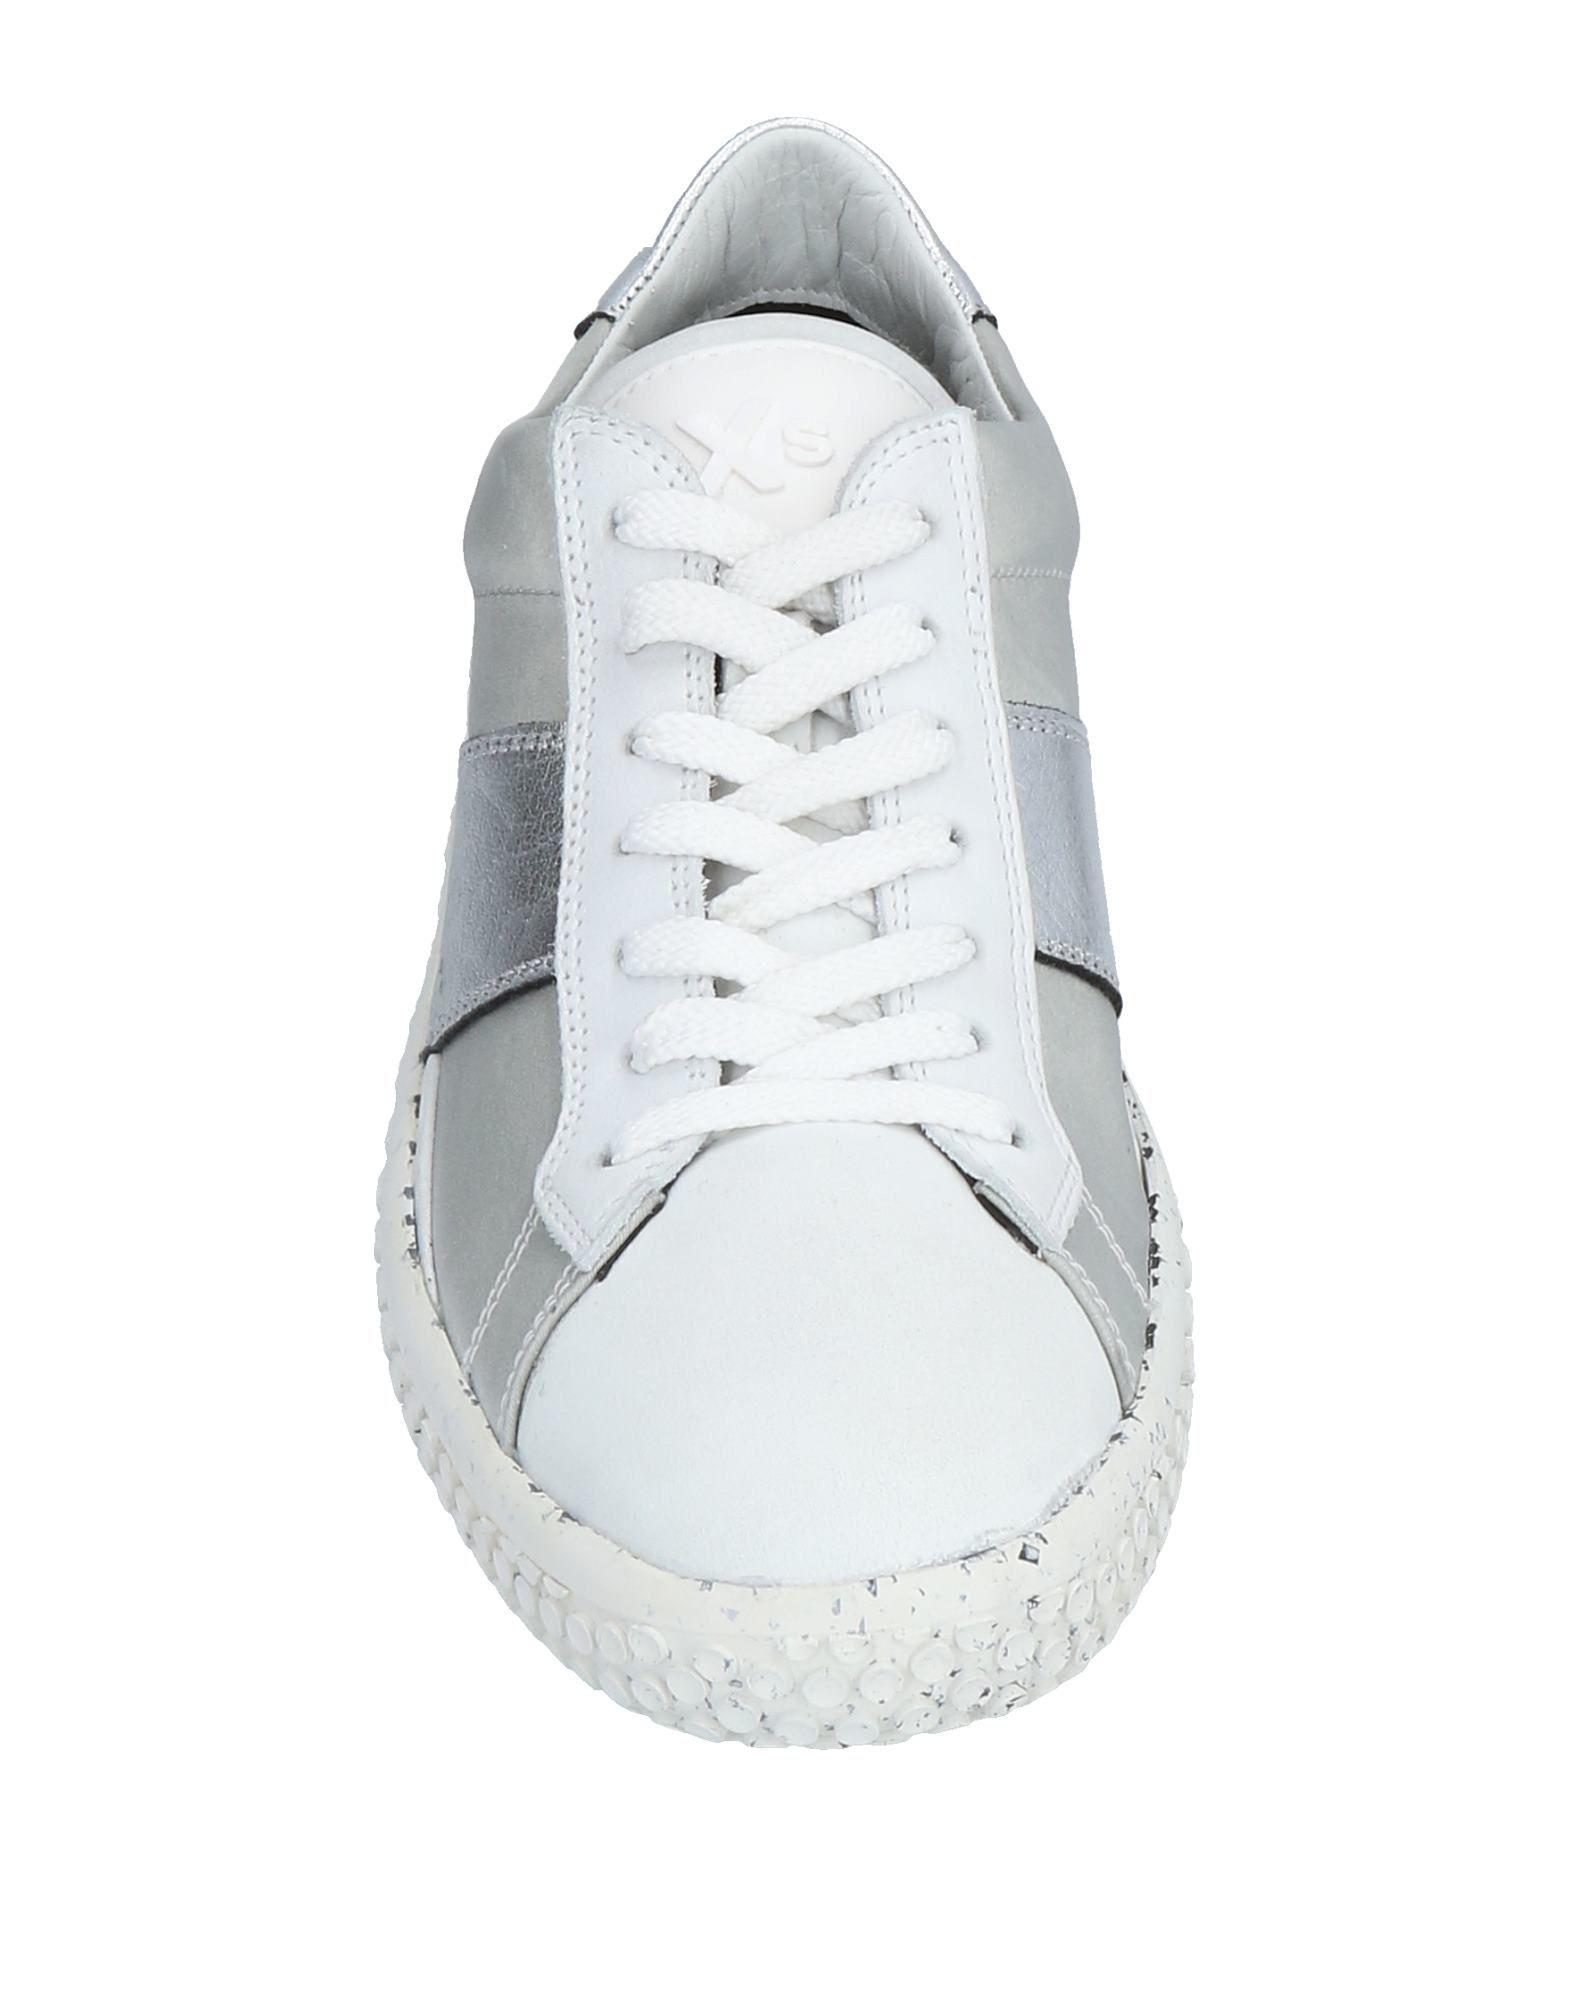 O.X.S. O.X.S. O.X.S. Sneakers Herren Gutes Preis-Leistungs-Verhältnis, es lohnt sich ec130e